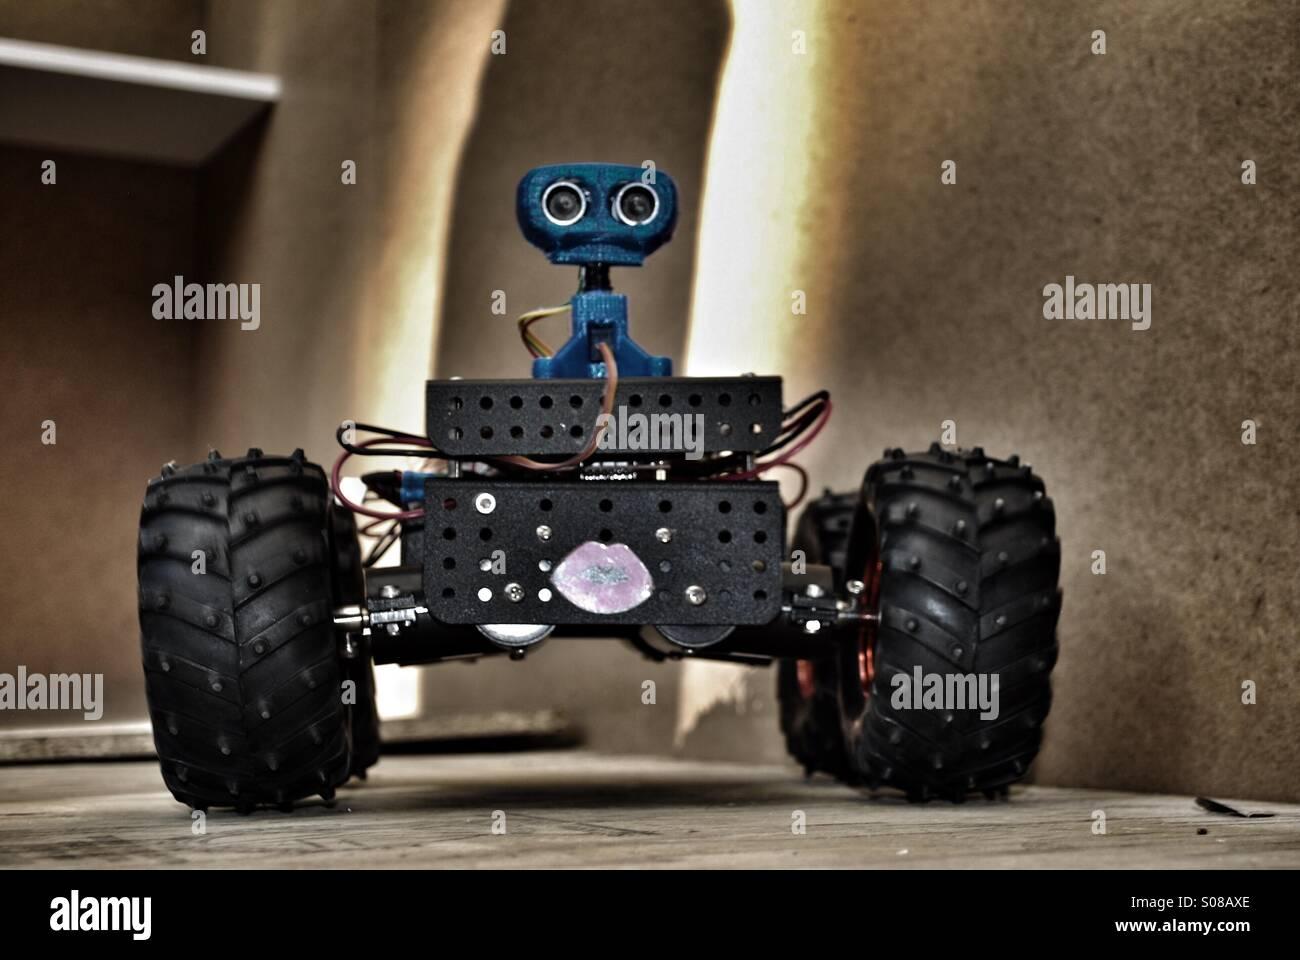 Mobile Robotics Stock Photo